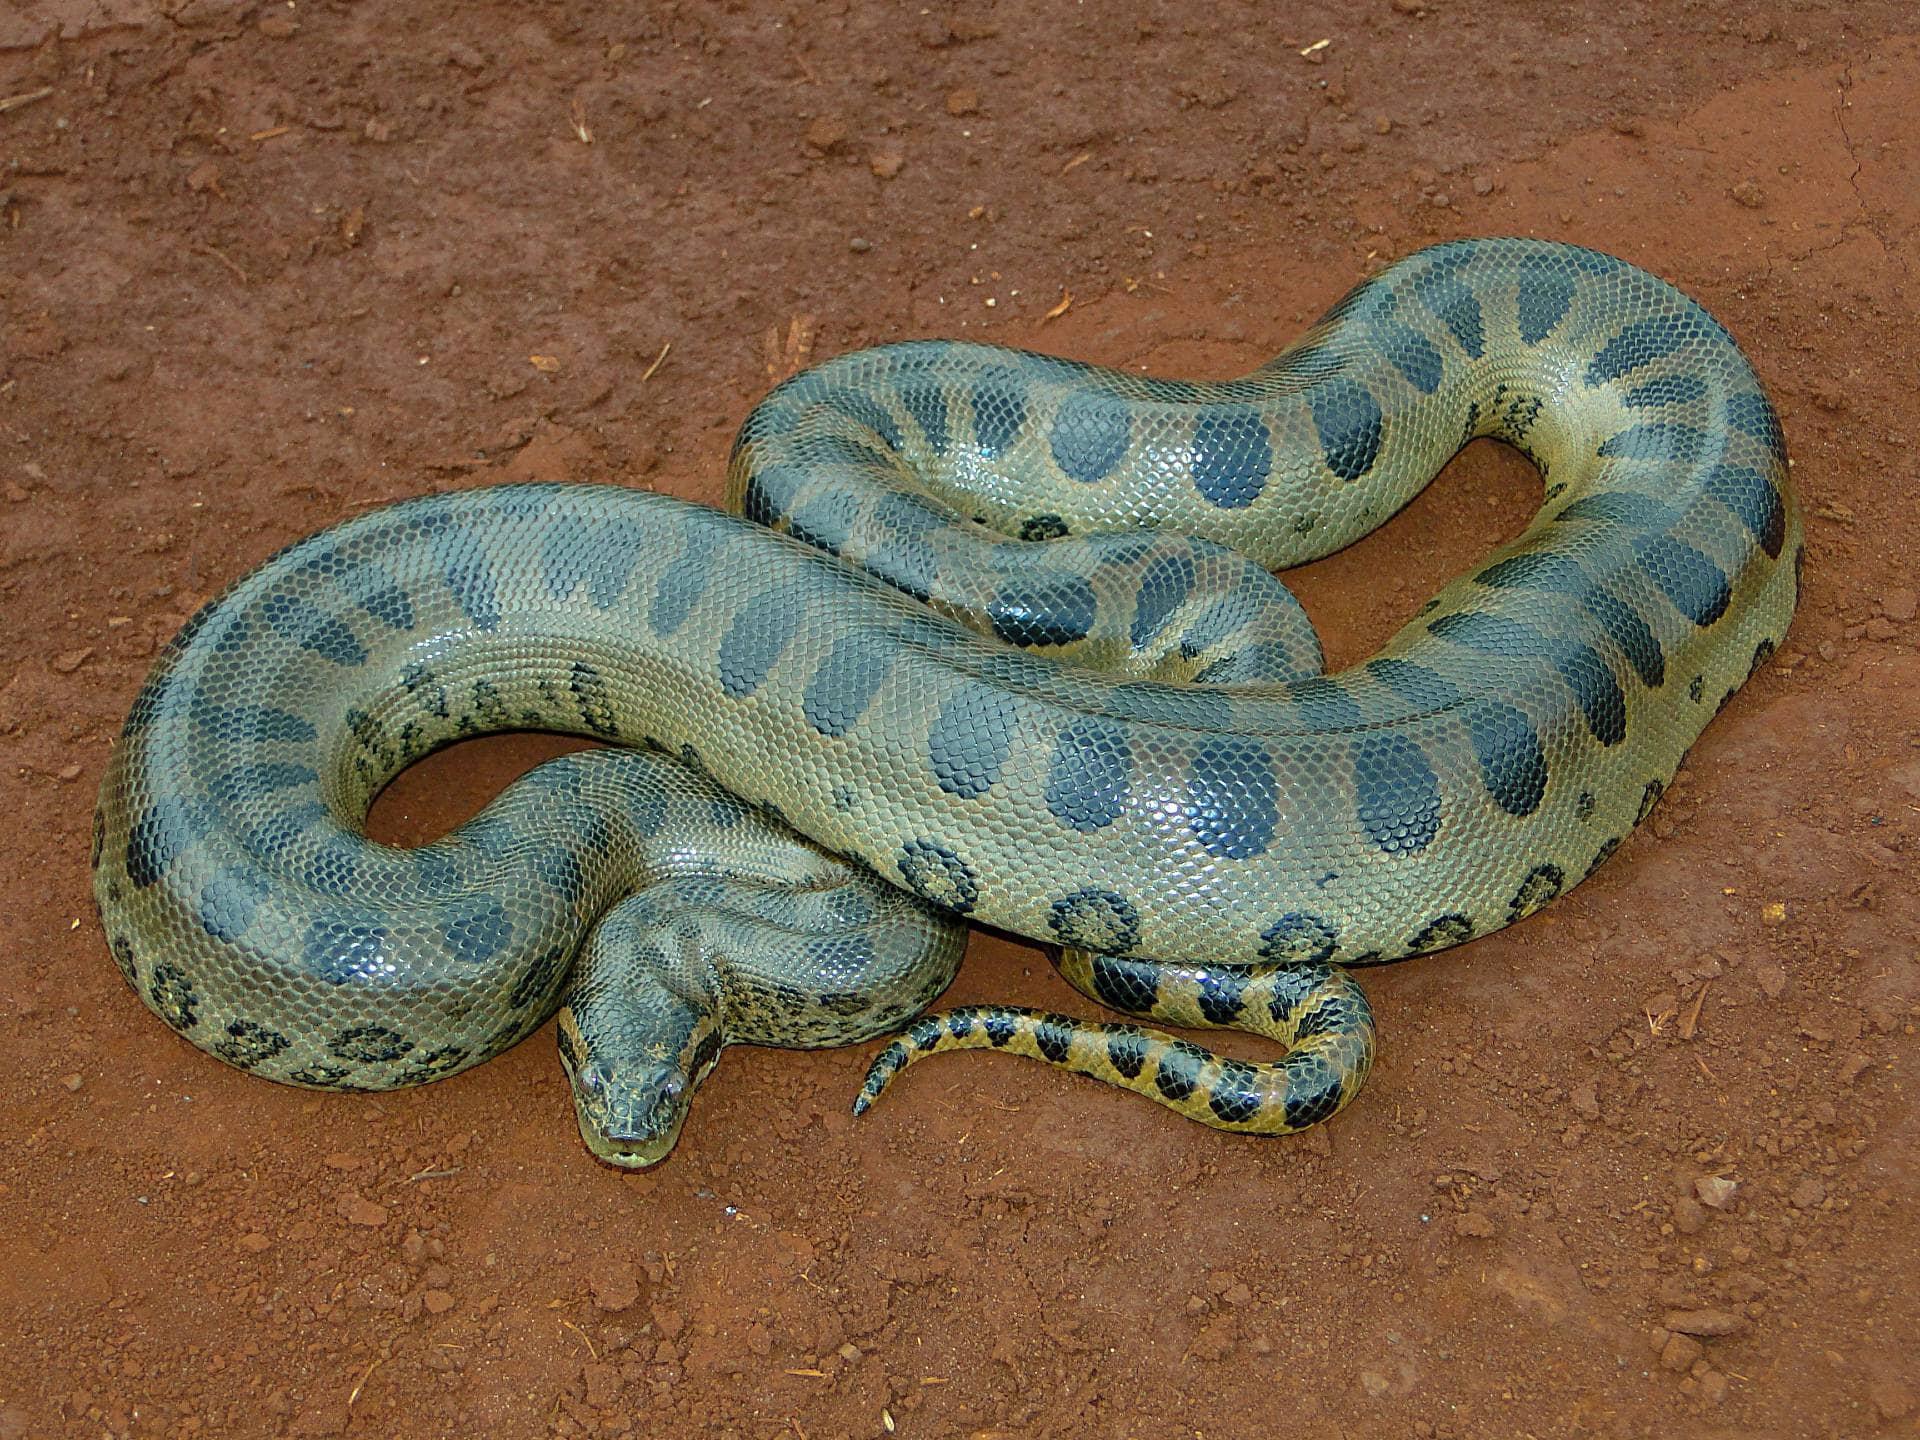 Anaconda verde, la serpiente más grande del mundo.